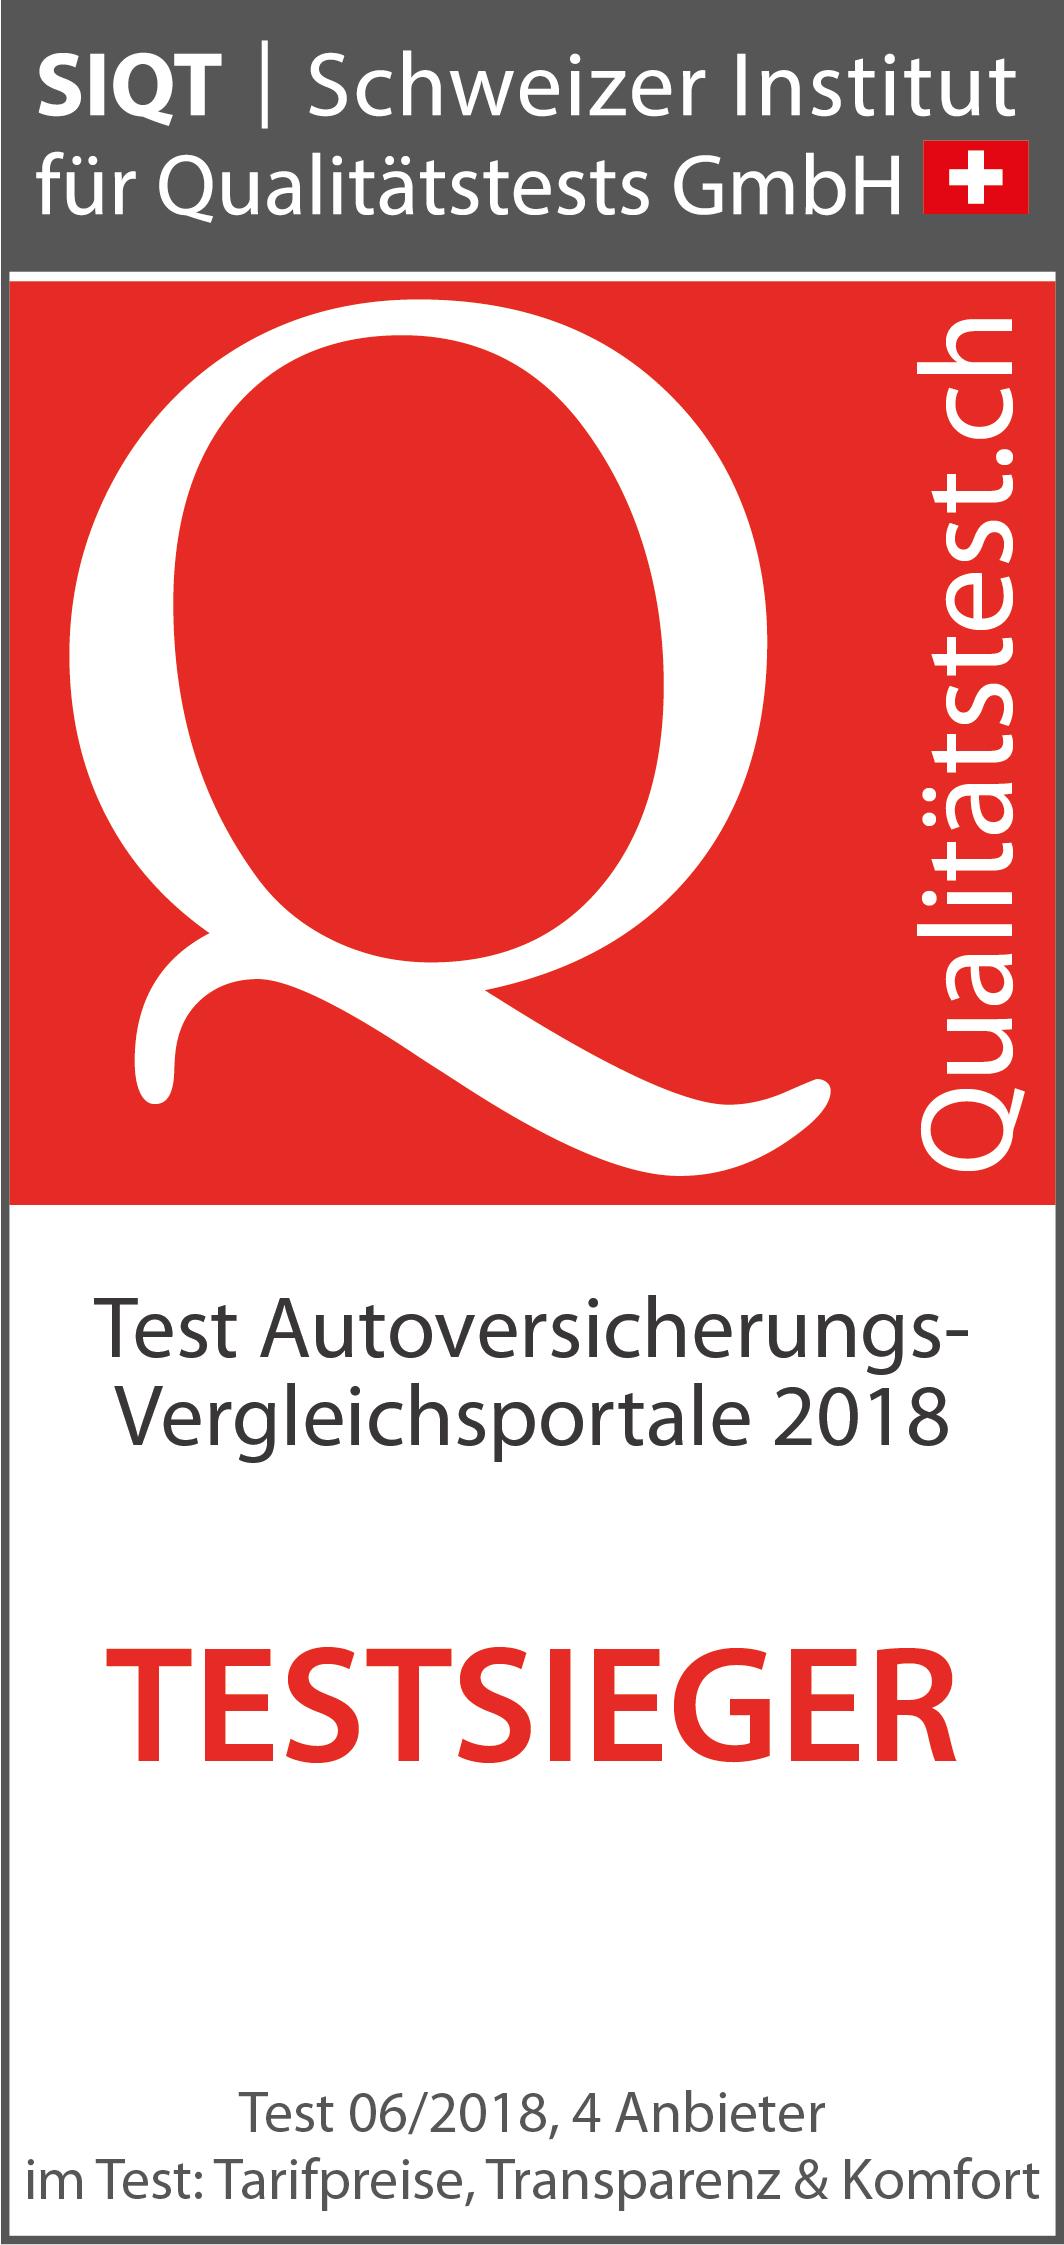 5ebea3d5da33c1 Autoversicherungs-Vergleichsportale 2018  Test von Suche   Komfort ...